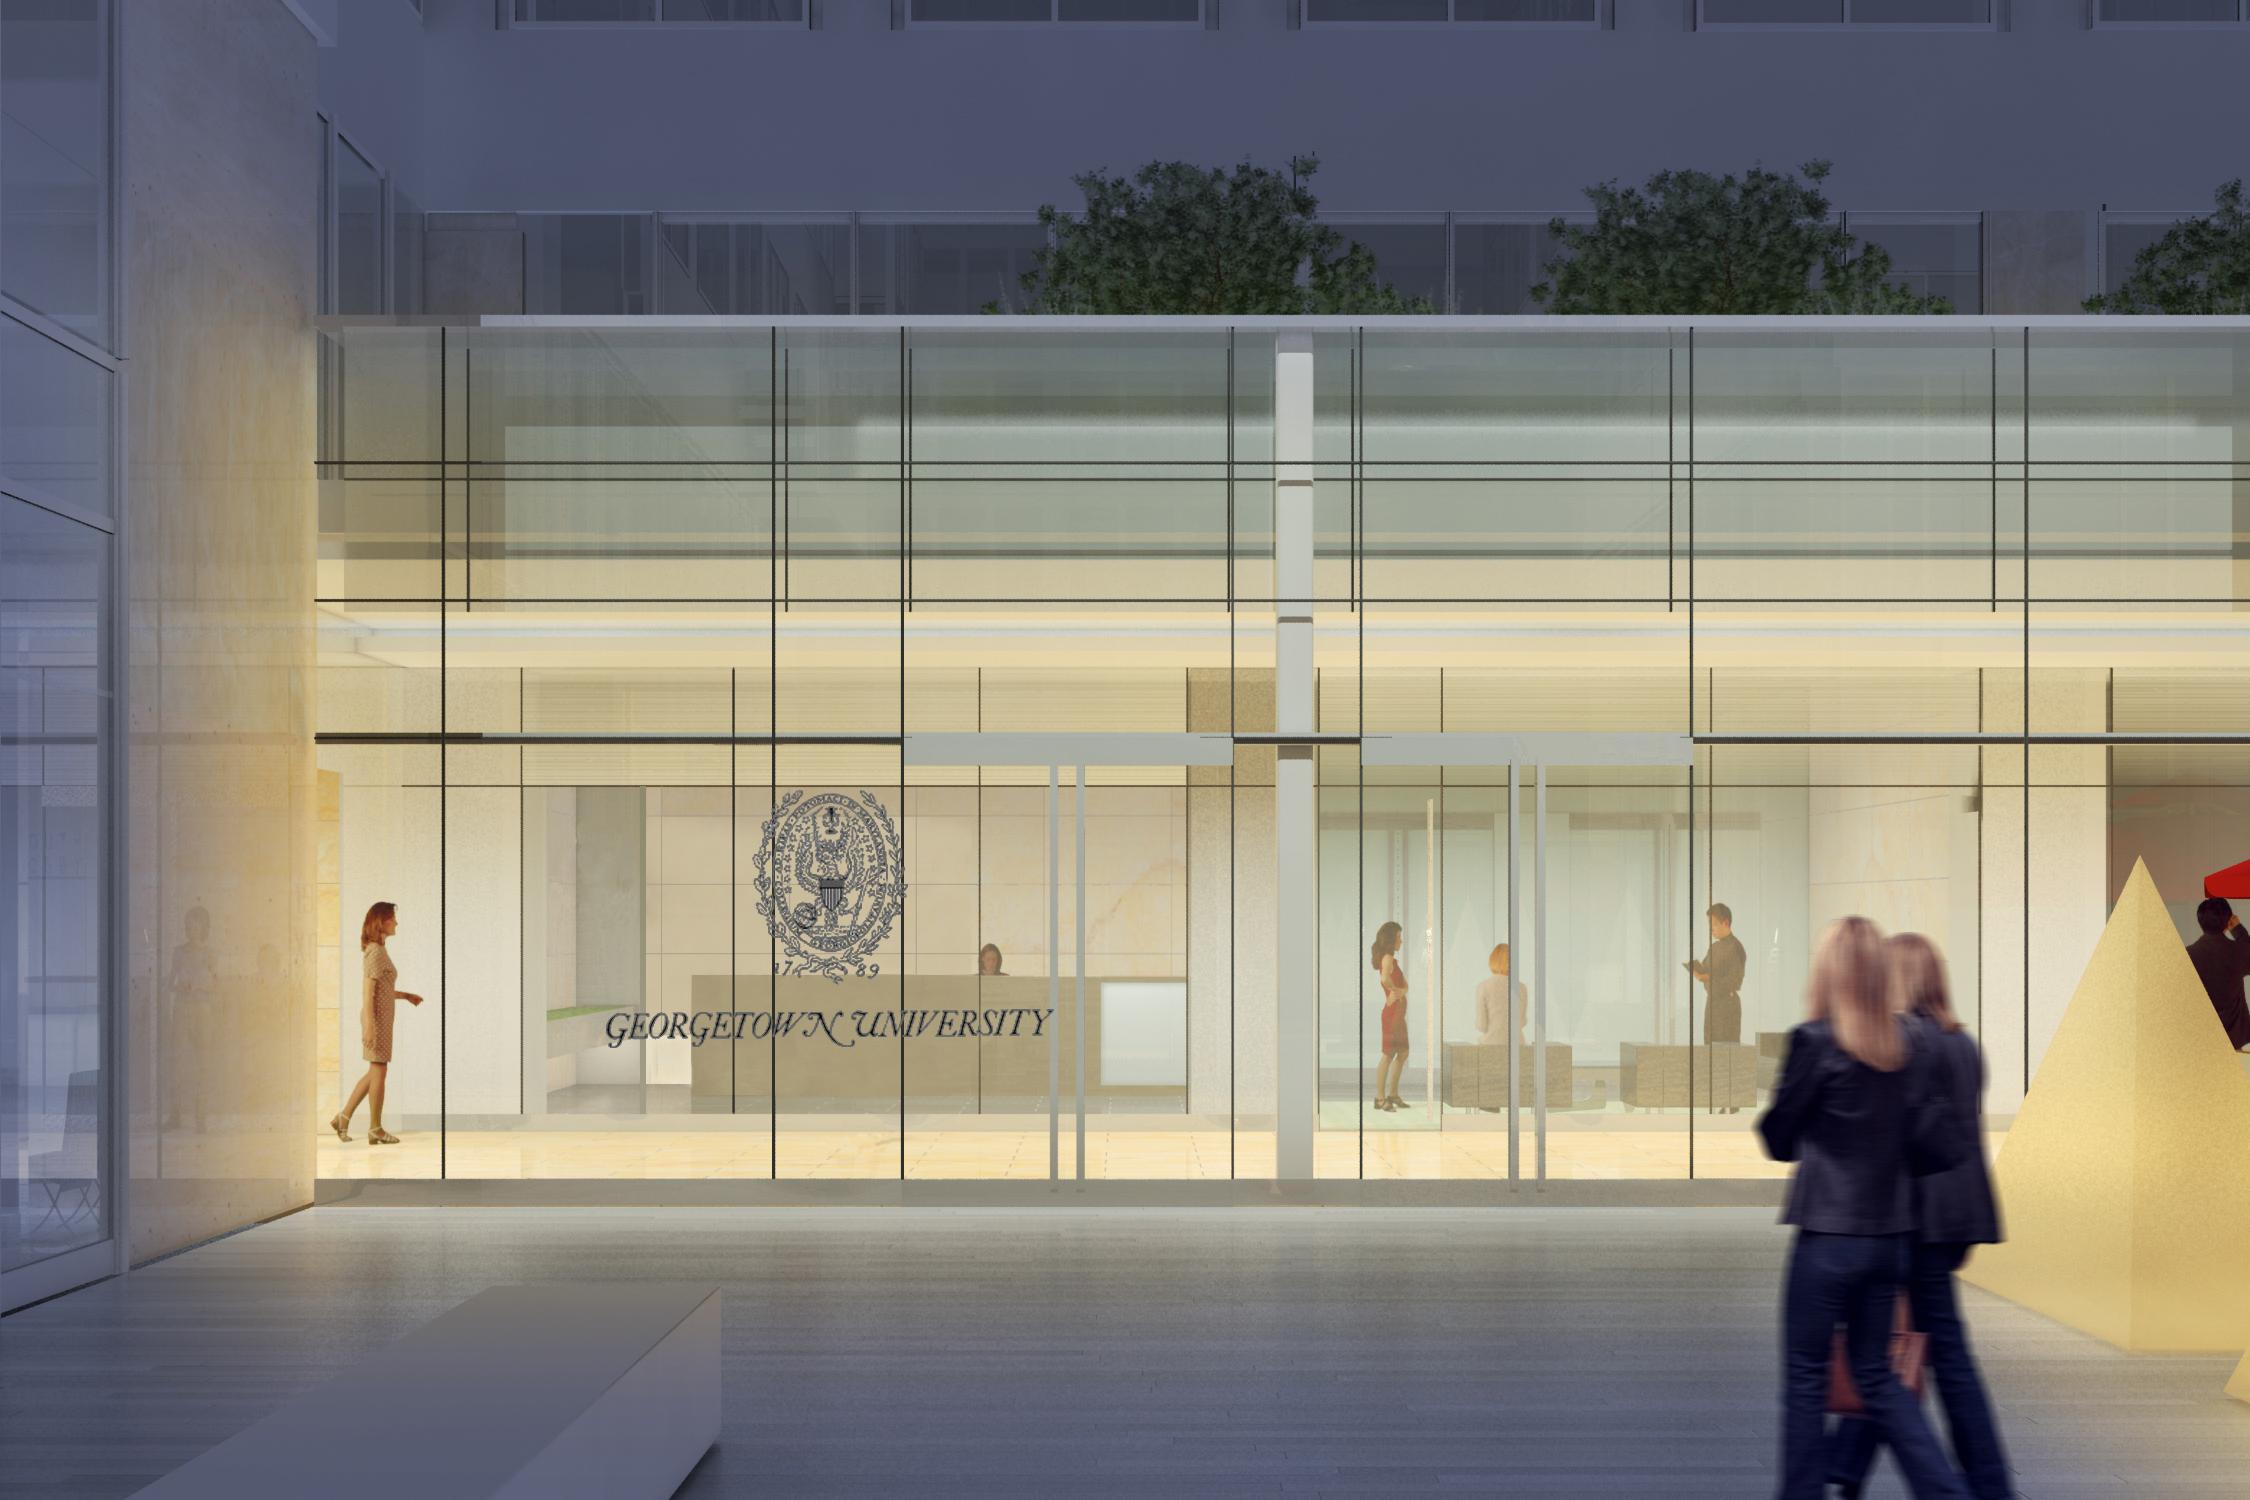 Georgetown_university_rendering.jpg